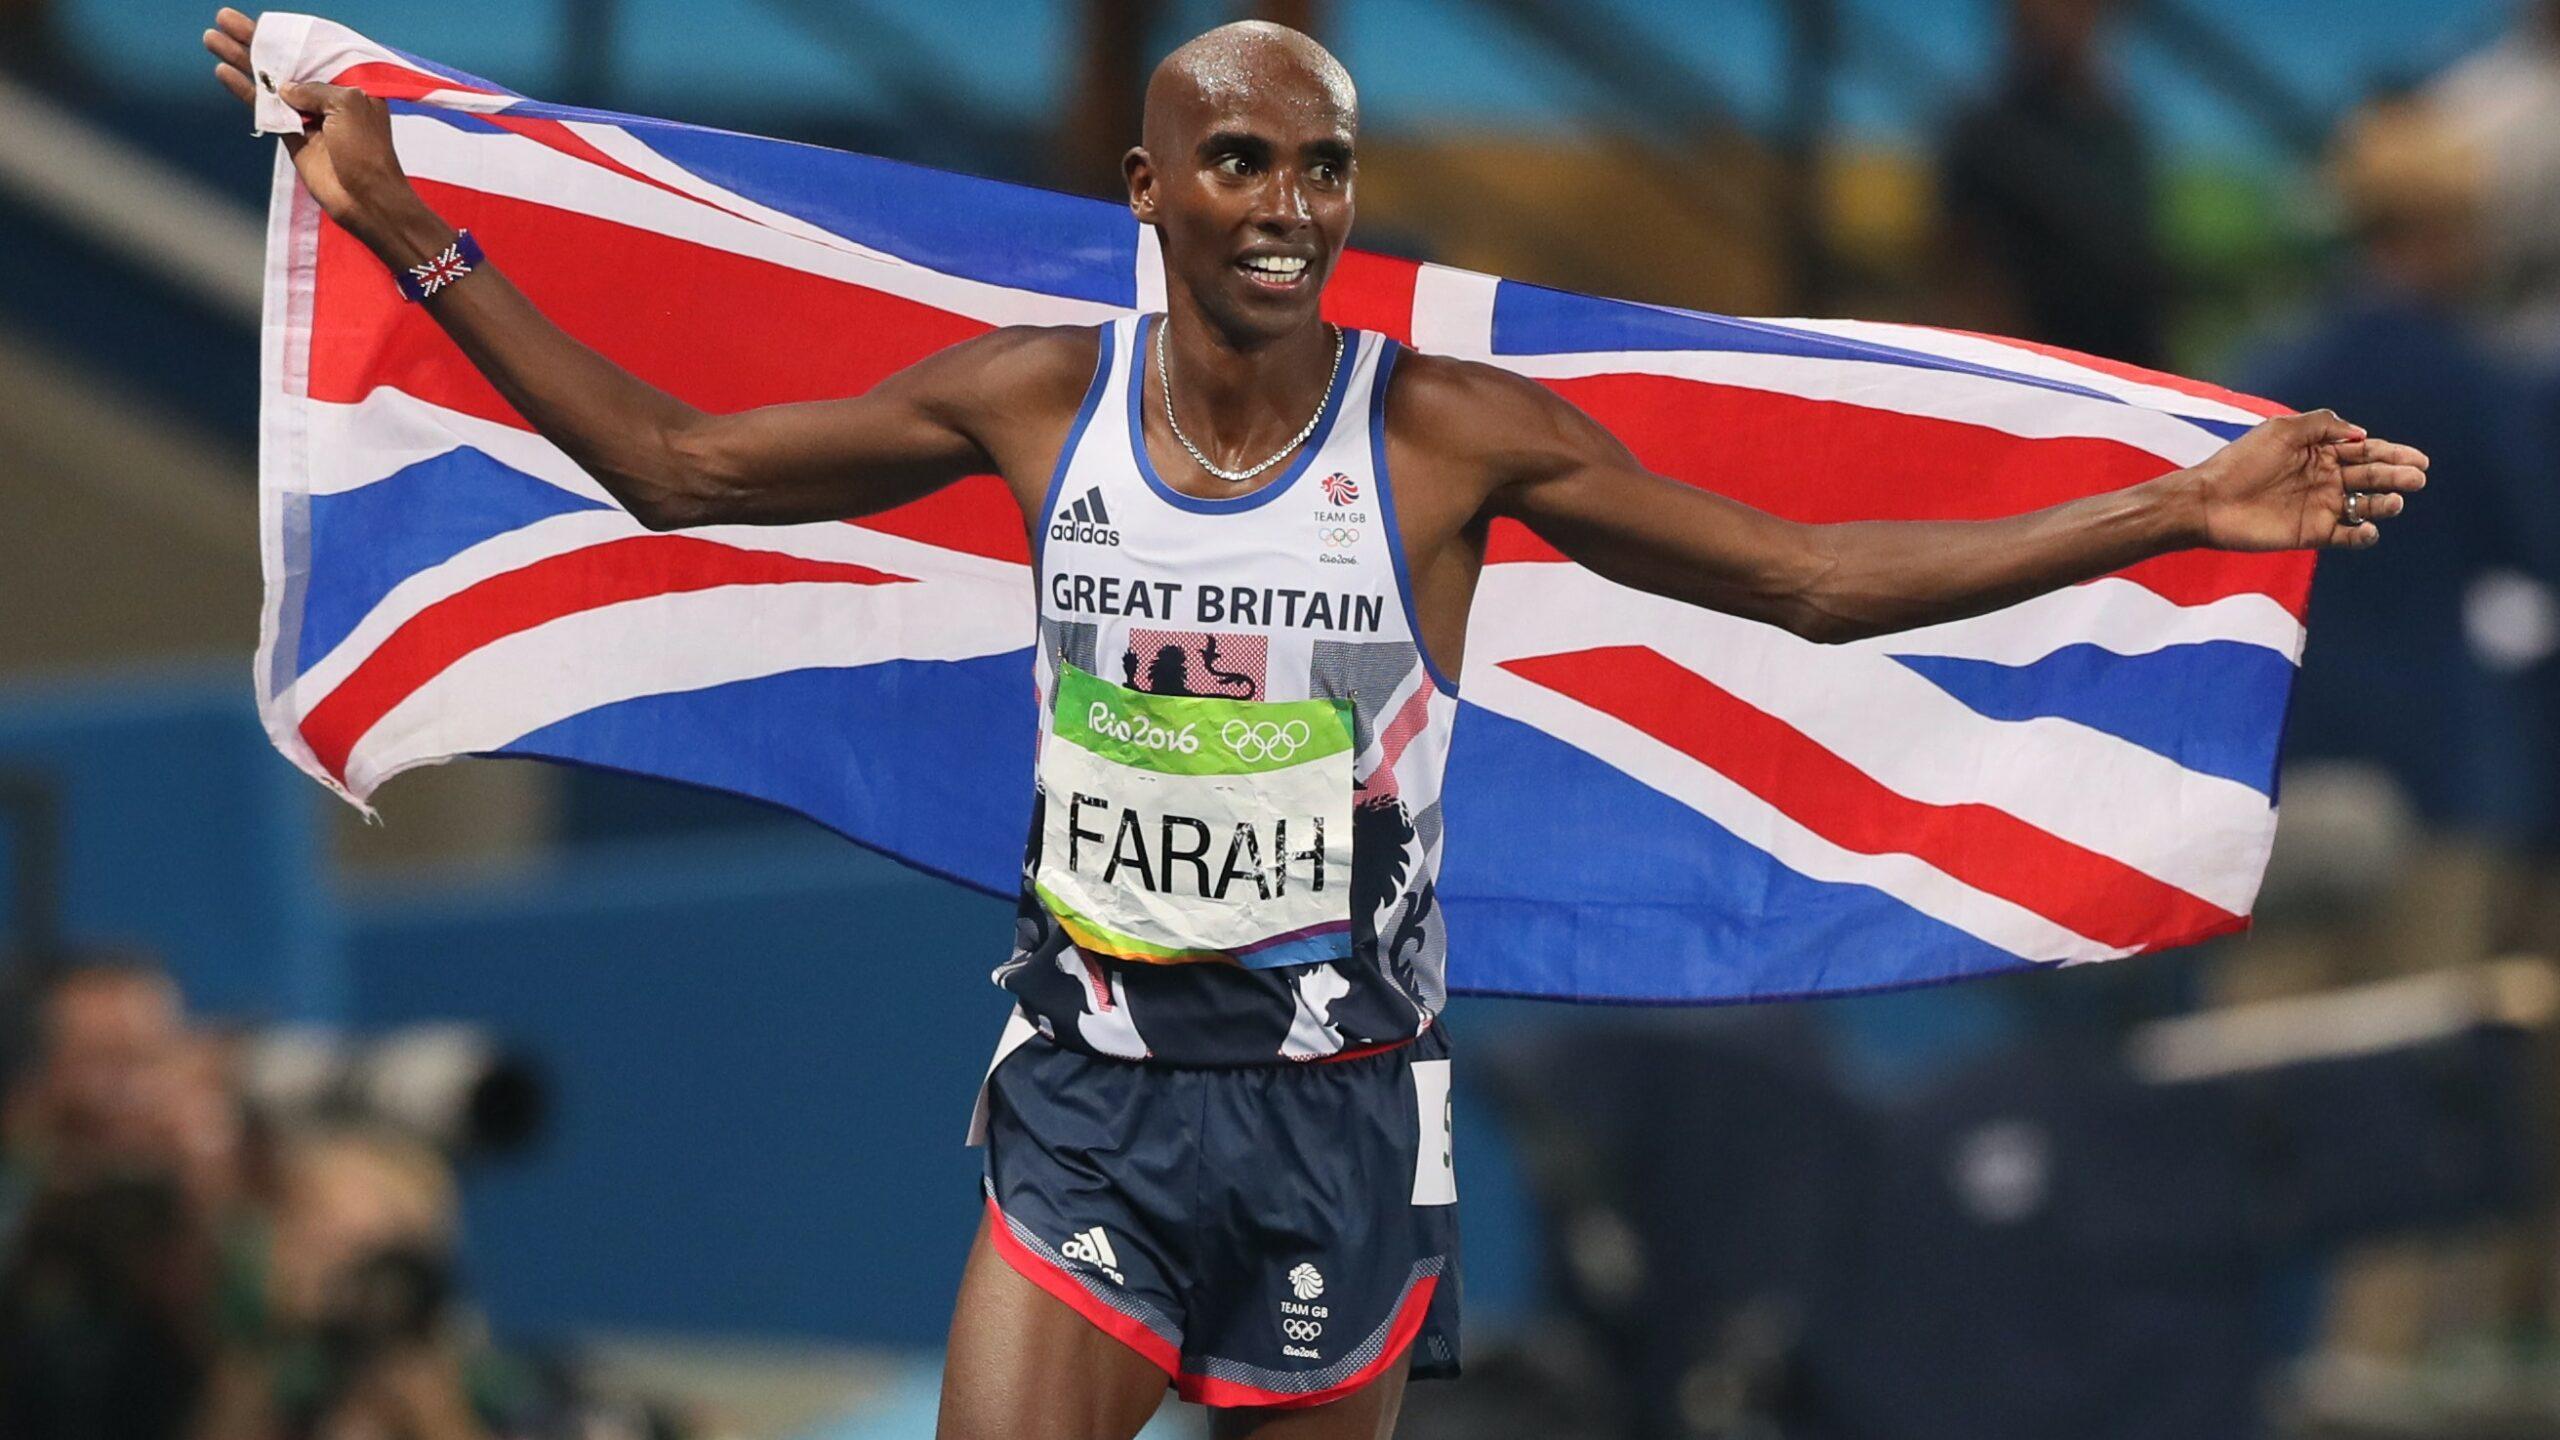 Mohamed Farah a encore des chances de se qualifier sur  les 10 000m pour les participer aux JO de Tokyo